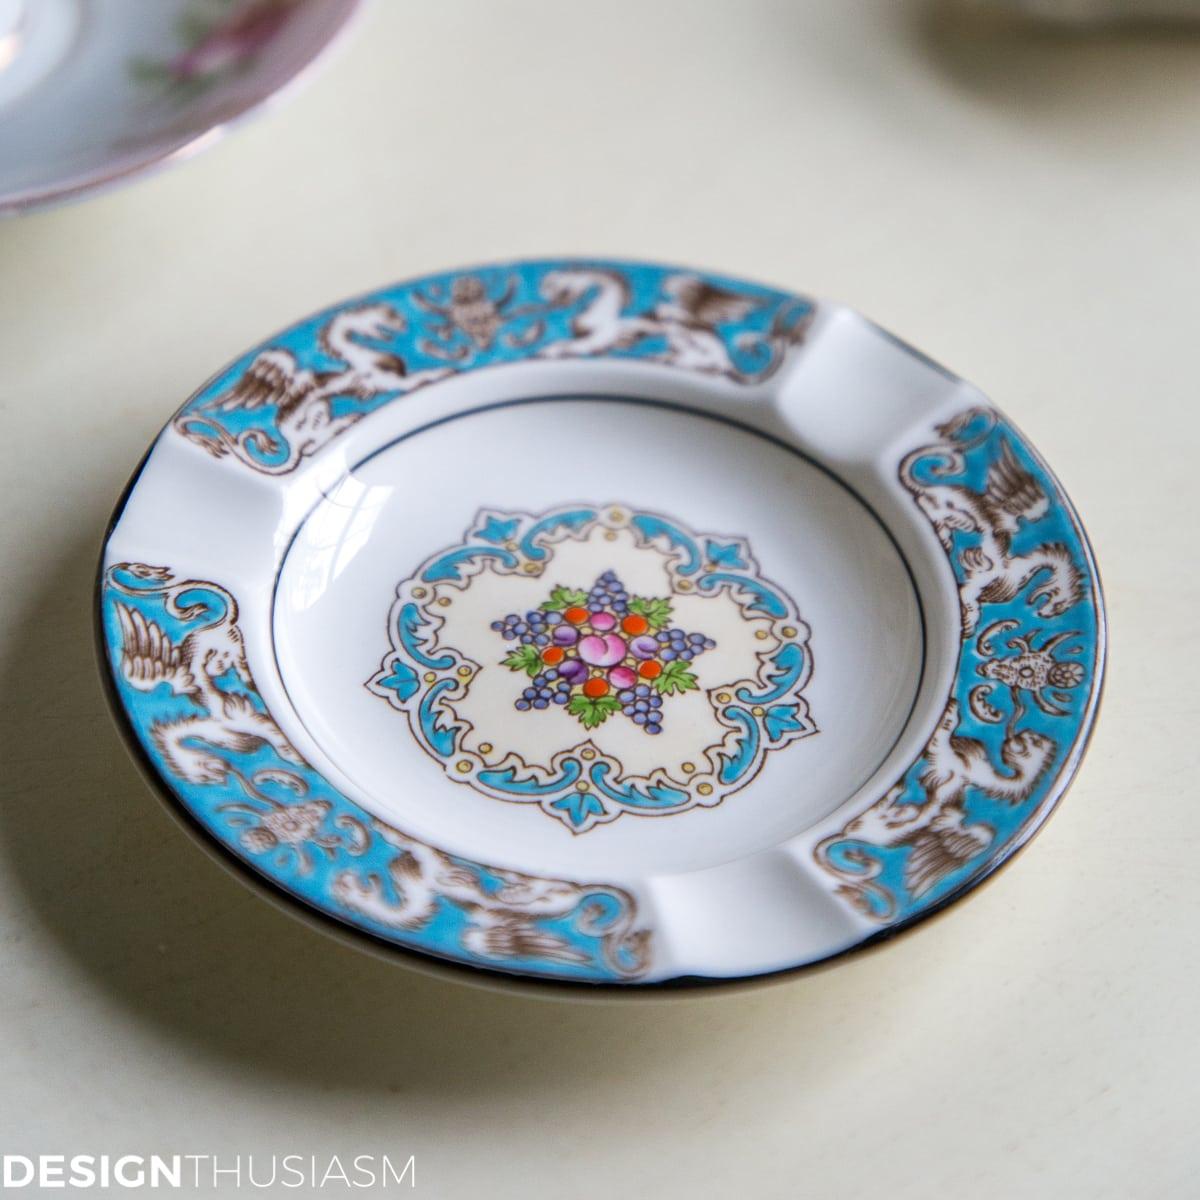 Designthusiasm vintage giveaway Wedgewood ashtray